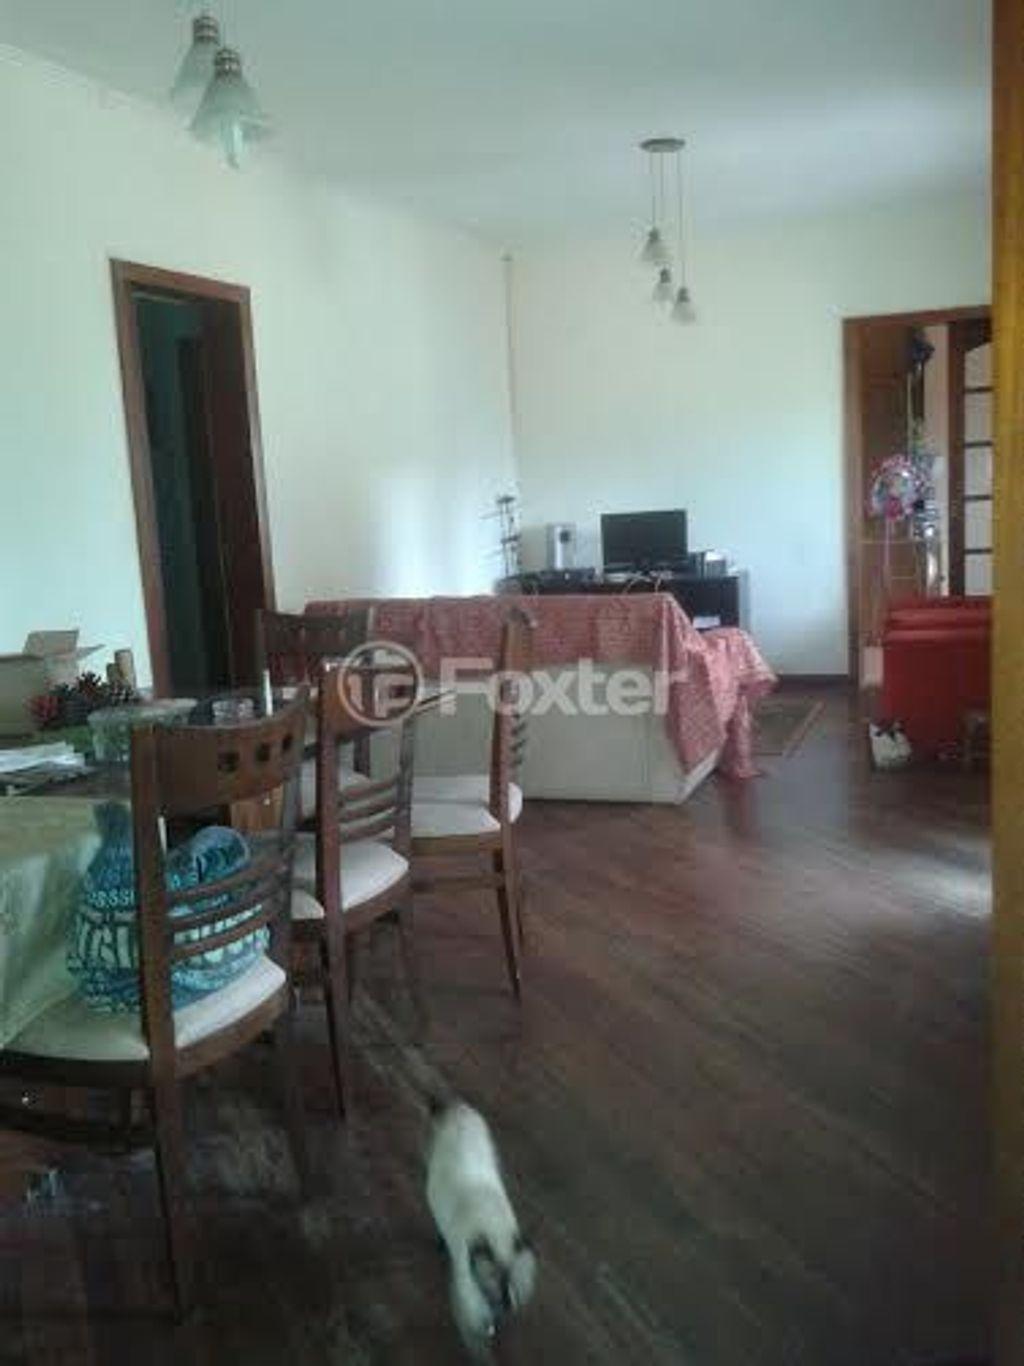 Foxter Imobiliária - Casa 3 Dorm, Agronomia - Foto 2